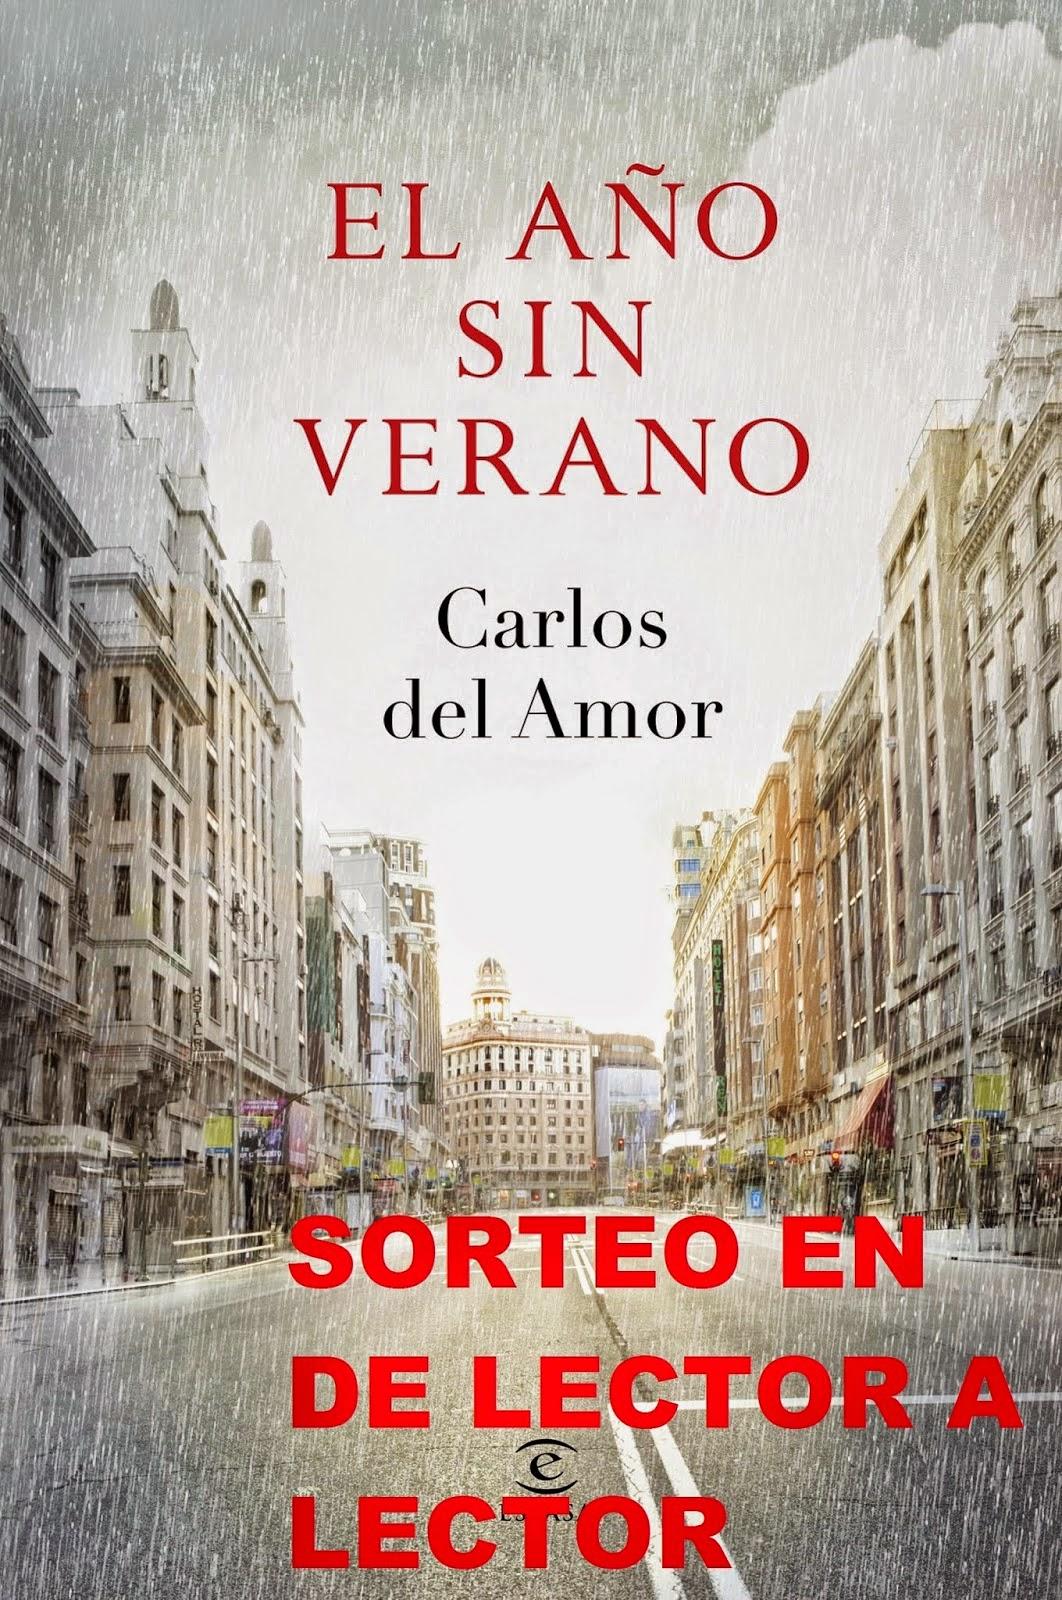 http://leyendoyleyendo.blogspot.com.es/2015/03/sorteo-el-ano-sin-verano-carlos-del-amor.html